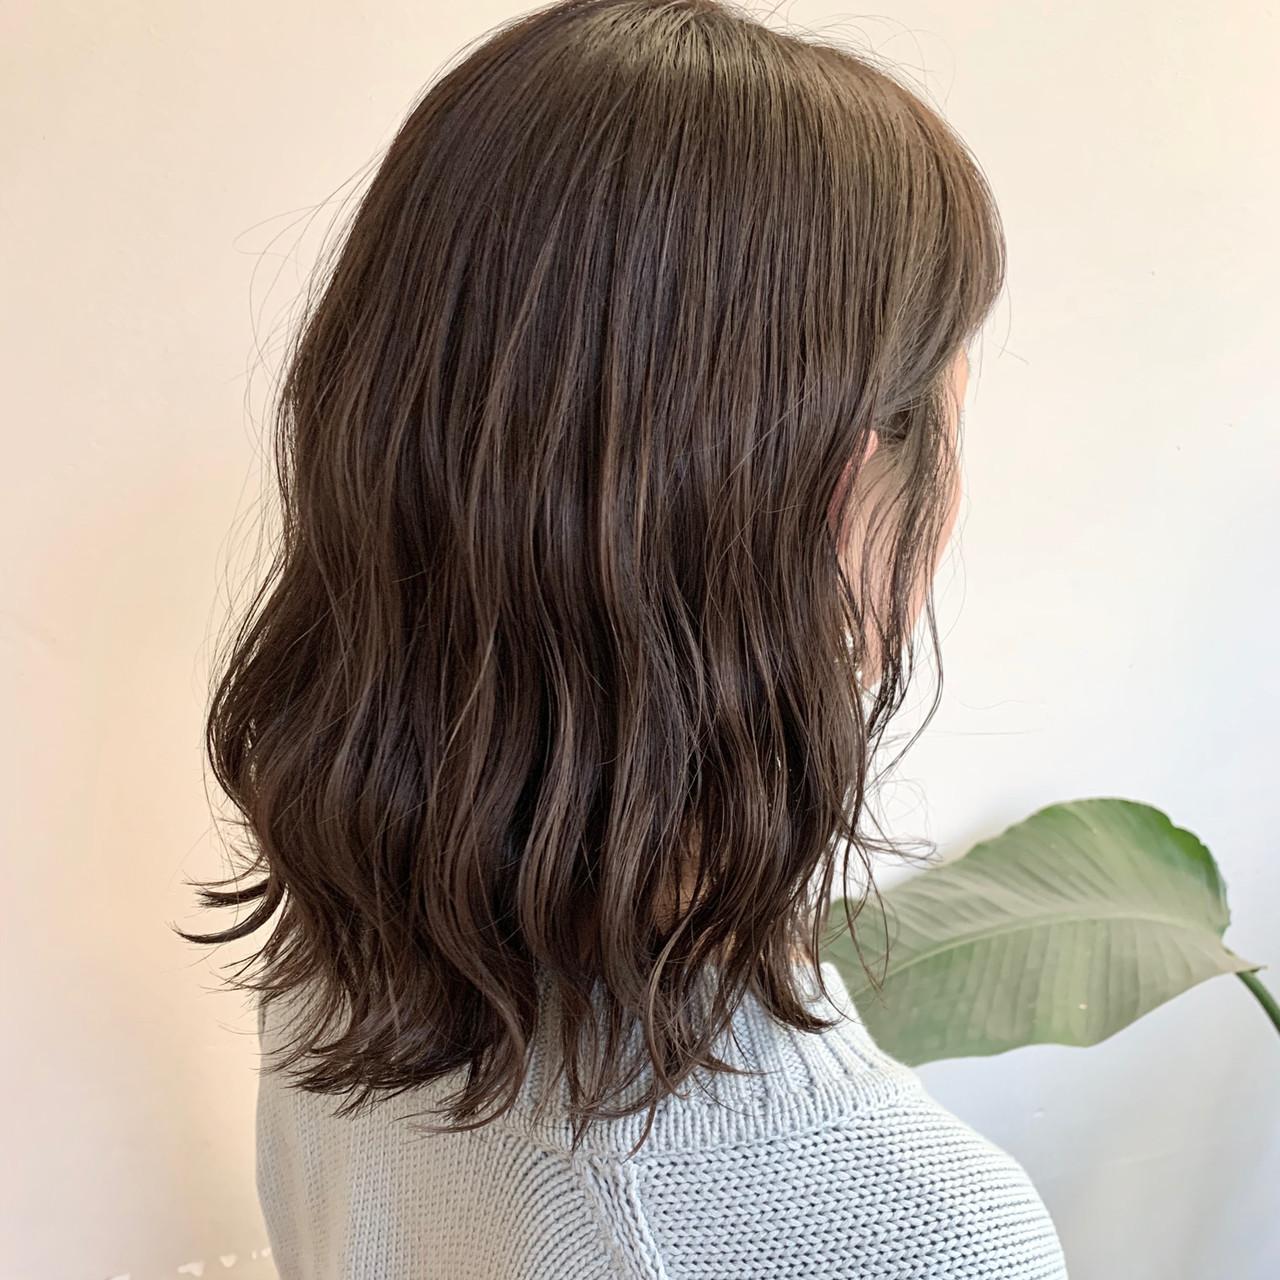 セミロング アッシュベージュ ブラウンベージュ フェミニン ヘアスタイルや髪型の写真・画像